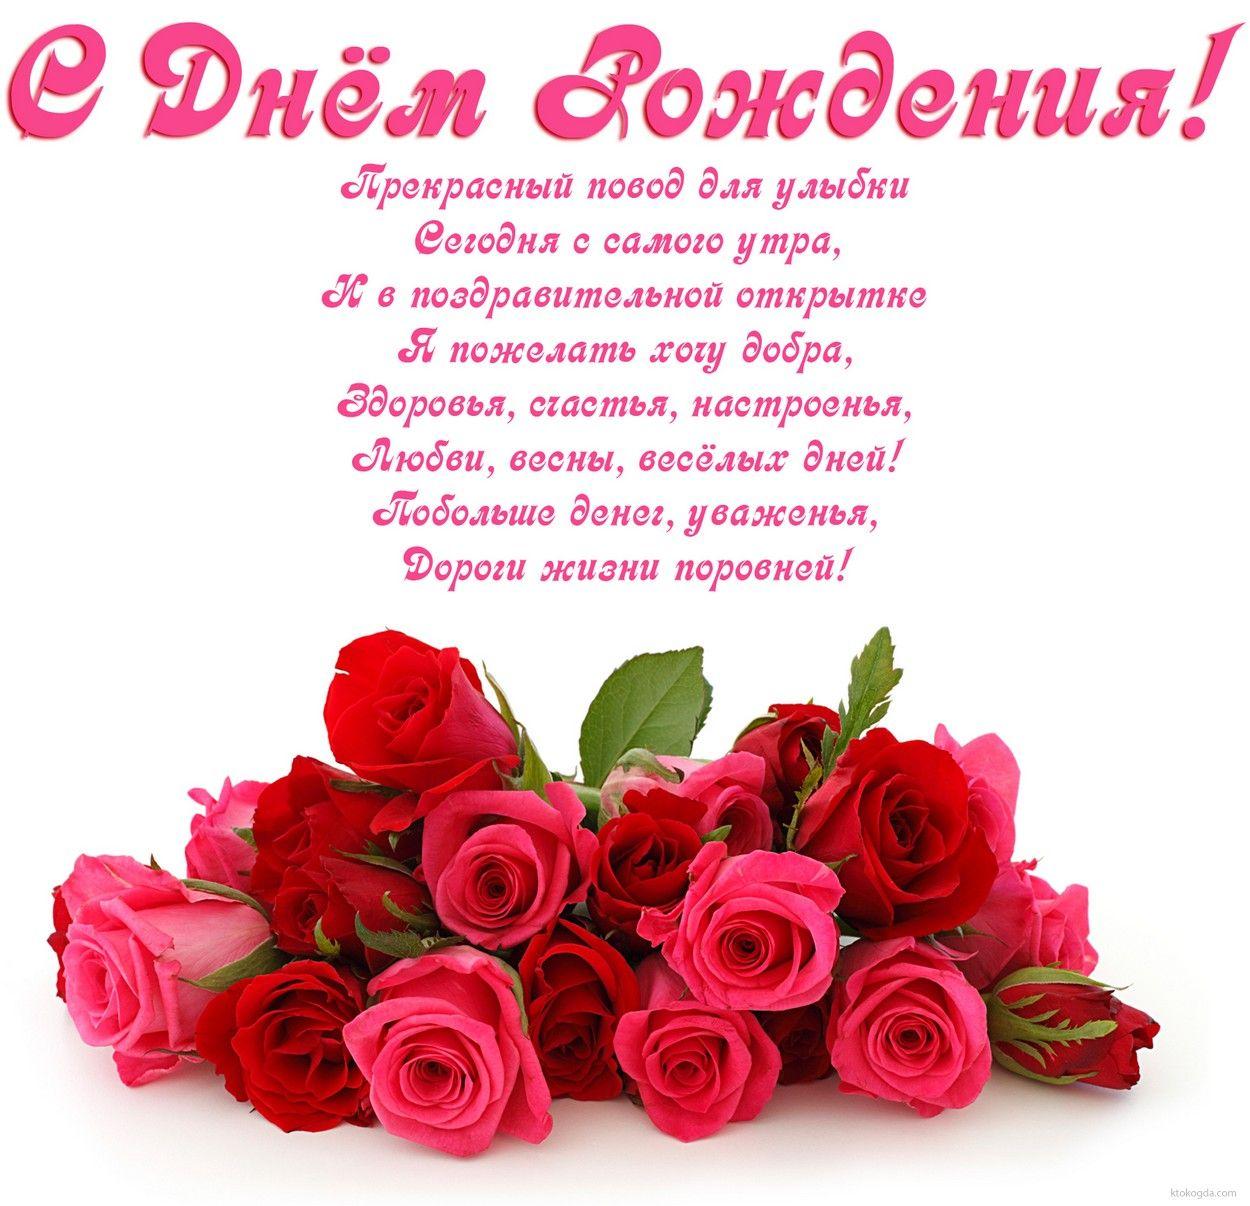 Поздравление куме с днем рождения красивые в стихах 81